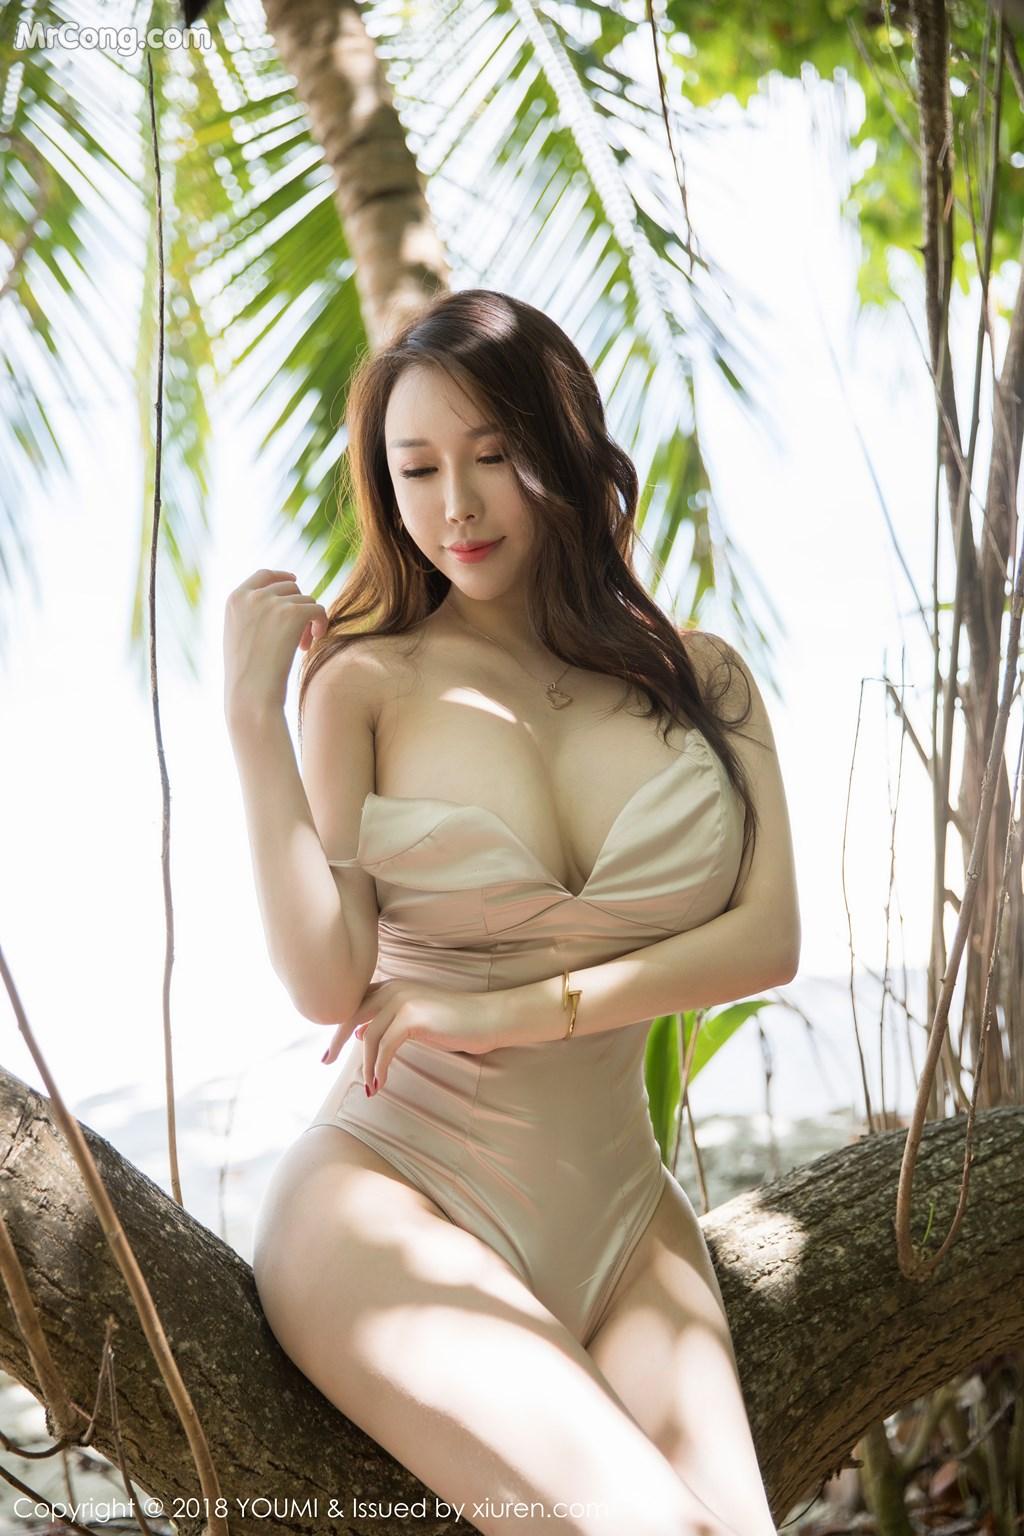 Image YouMi-Vol.225-Egg-MrCong.com-009 in post YouMi Vol.225: Người mẫu Egg_尤妮丝 (46 ảnh)